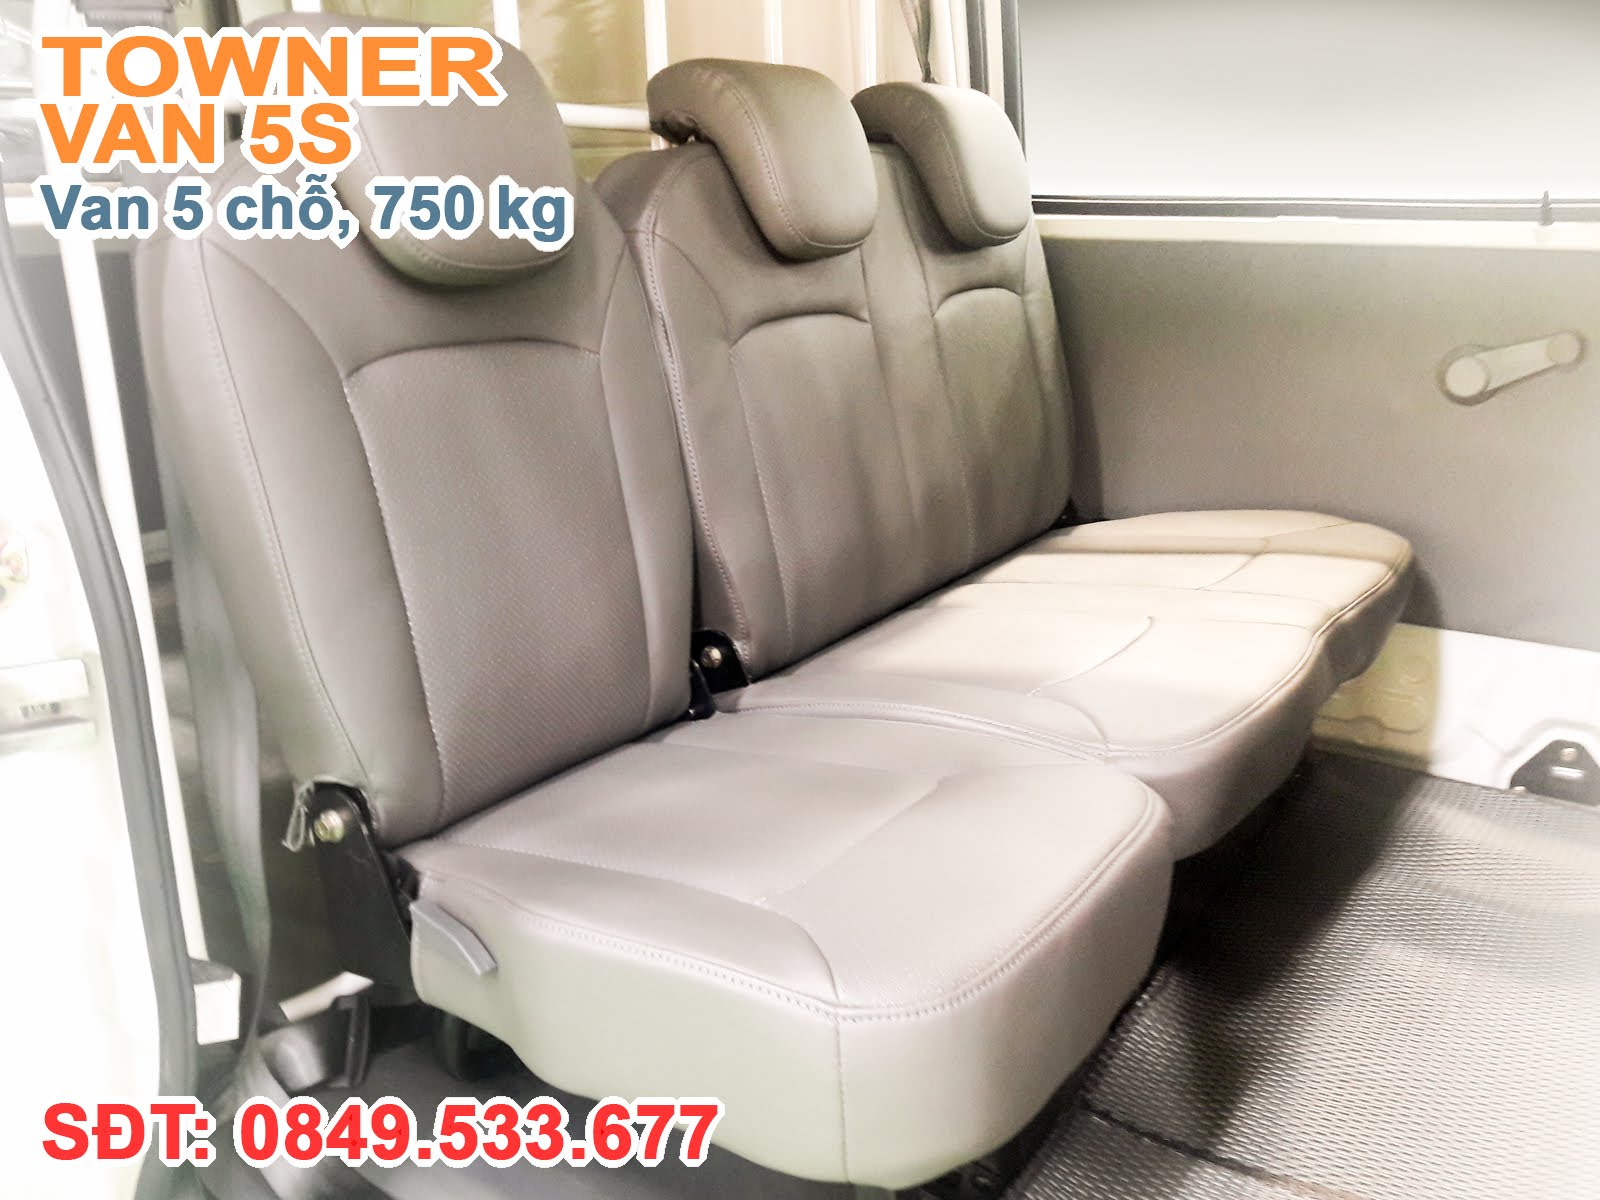 Xe thaco Towner Van 5S, Ghế được bọc Simili cao cấp, tất cả các ghế được trang bị tựa đầu riêng